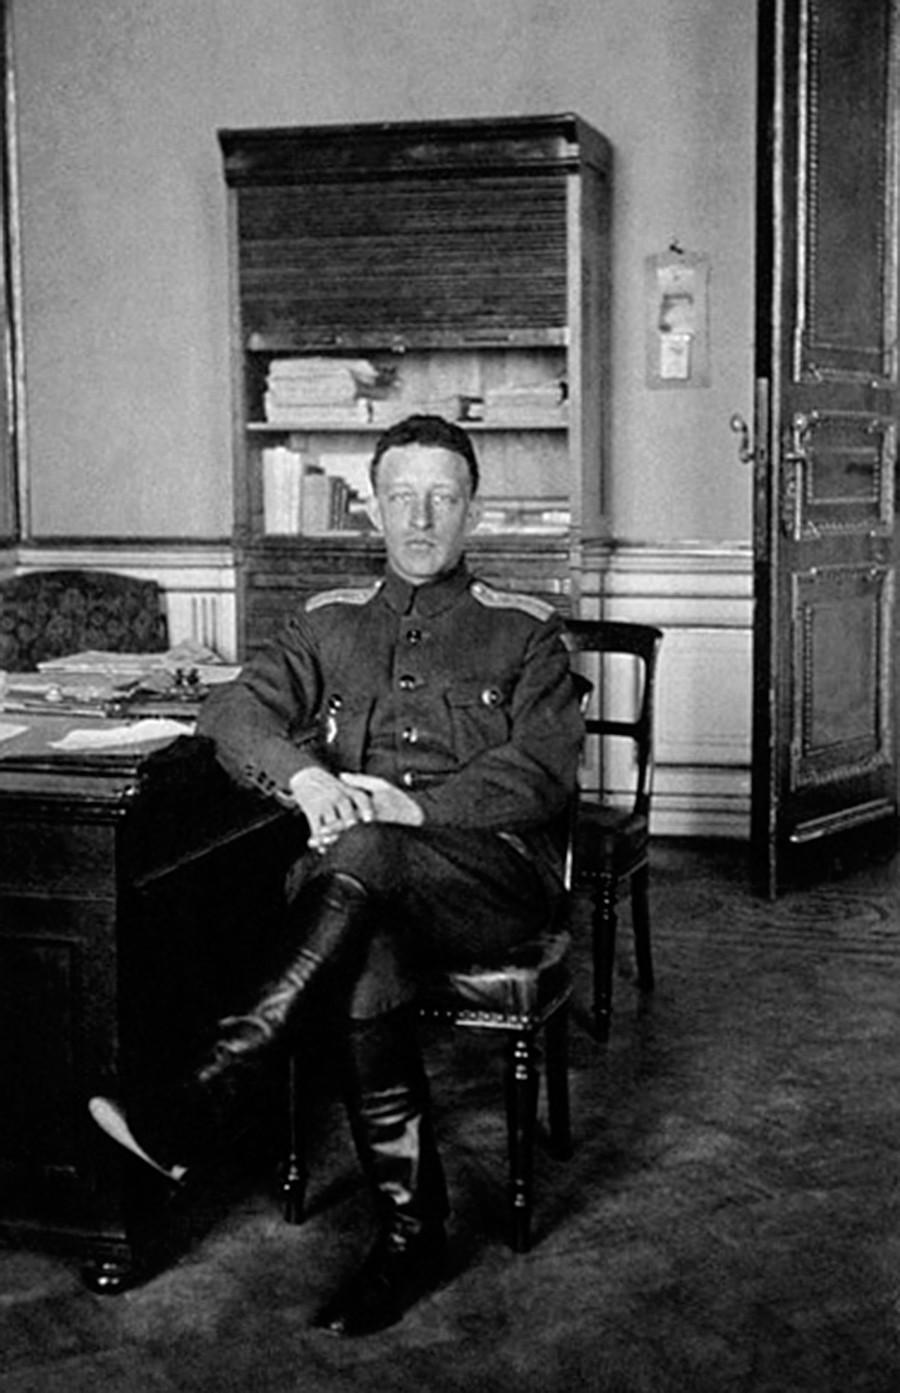 帝政時代の官吏の犯罪を捜査する臨時委員会で編集者として働いていたアレクサンドル・ブローク